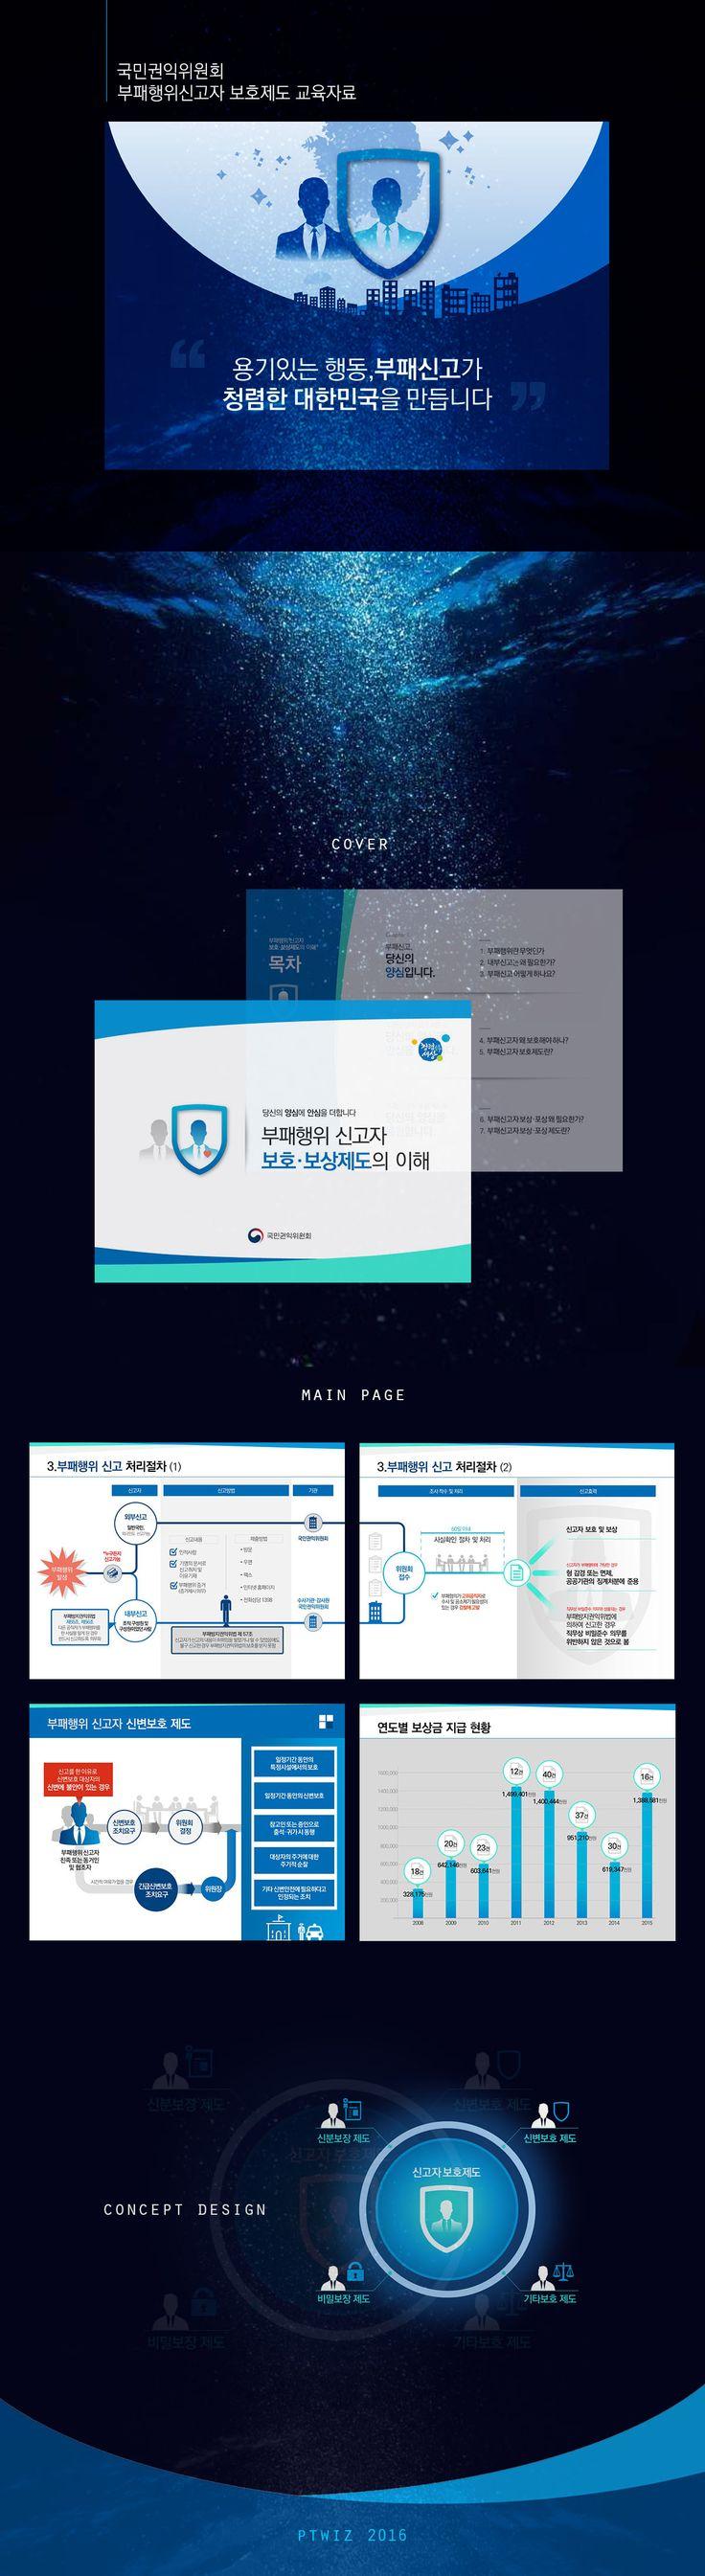 부패행위신고자보호제도 Educational Presentation Design By PTWIZ / Client : 국민권익위원회